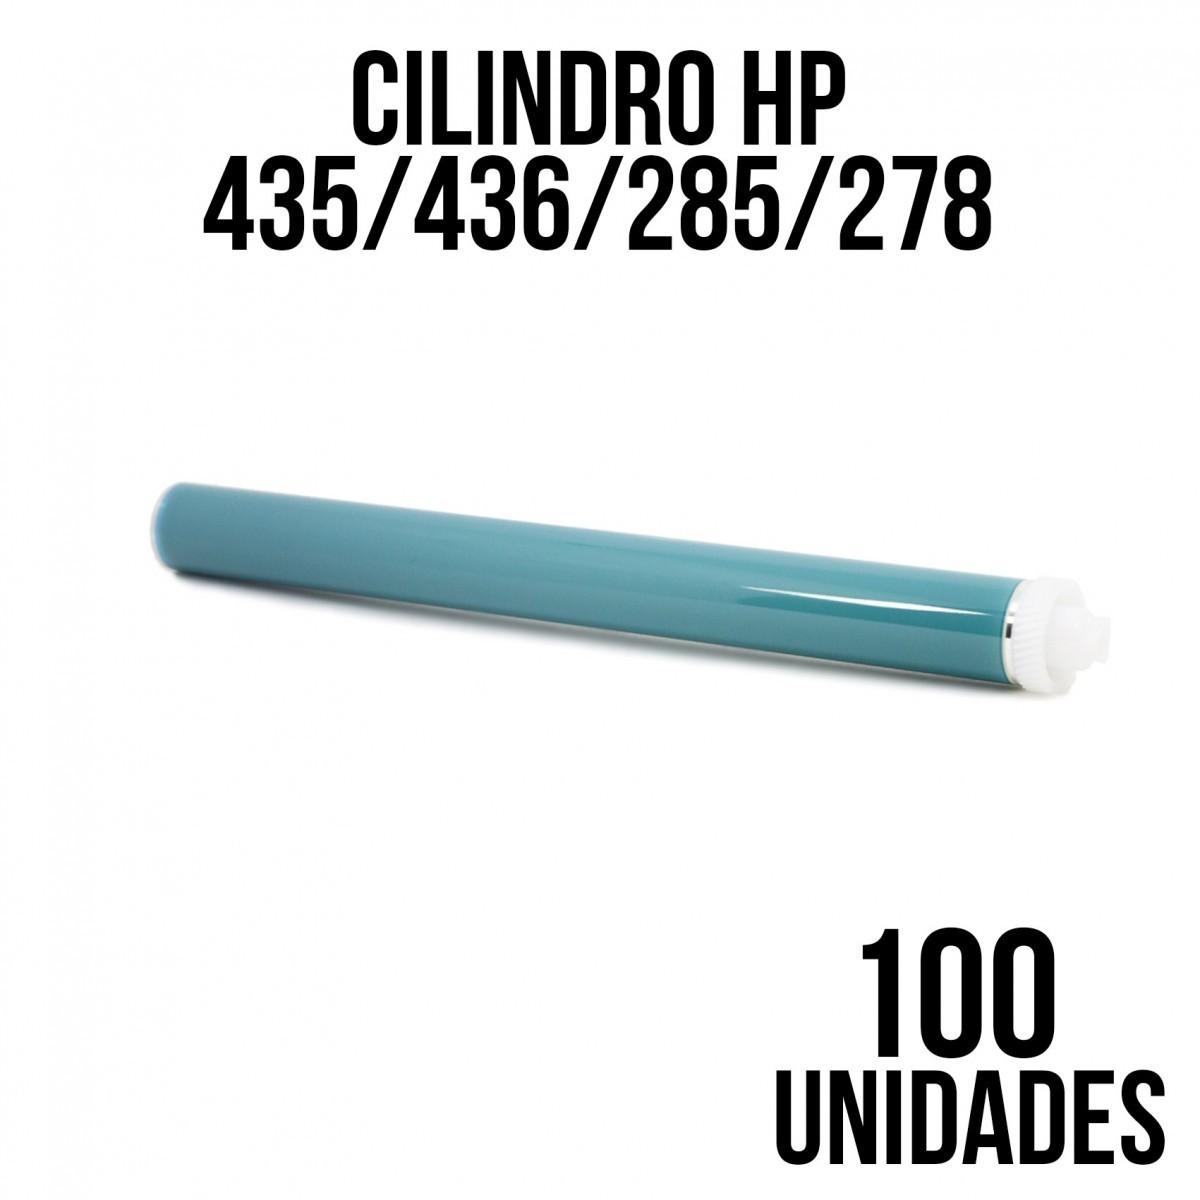 CILINDRO HP 435A/436A/285/278/283  HP P1005/CE278/285 - COM 100 UNIDADES